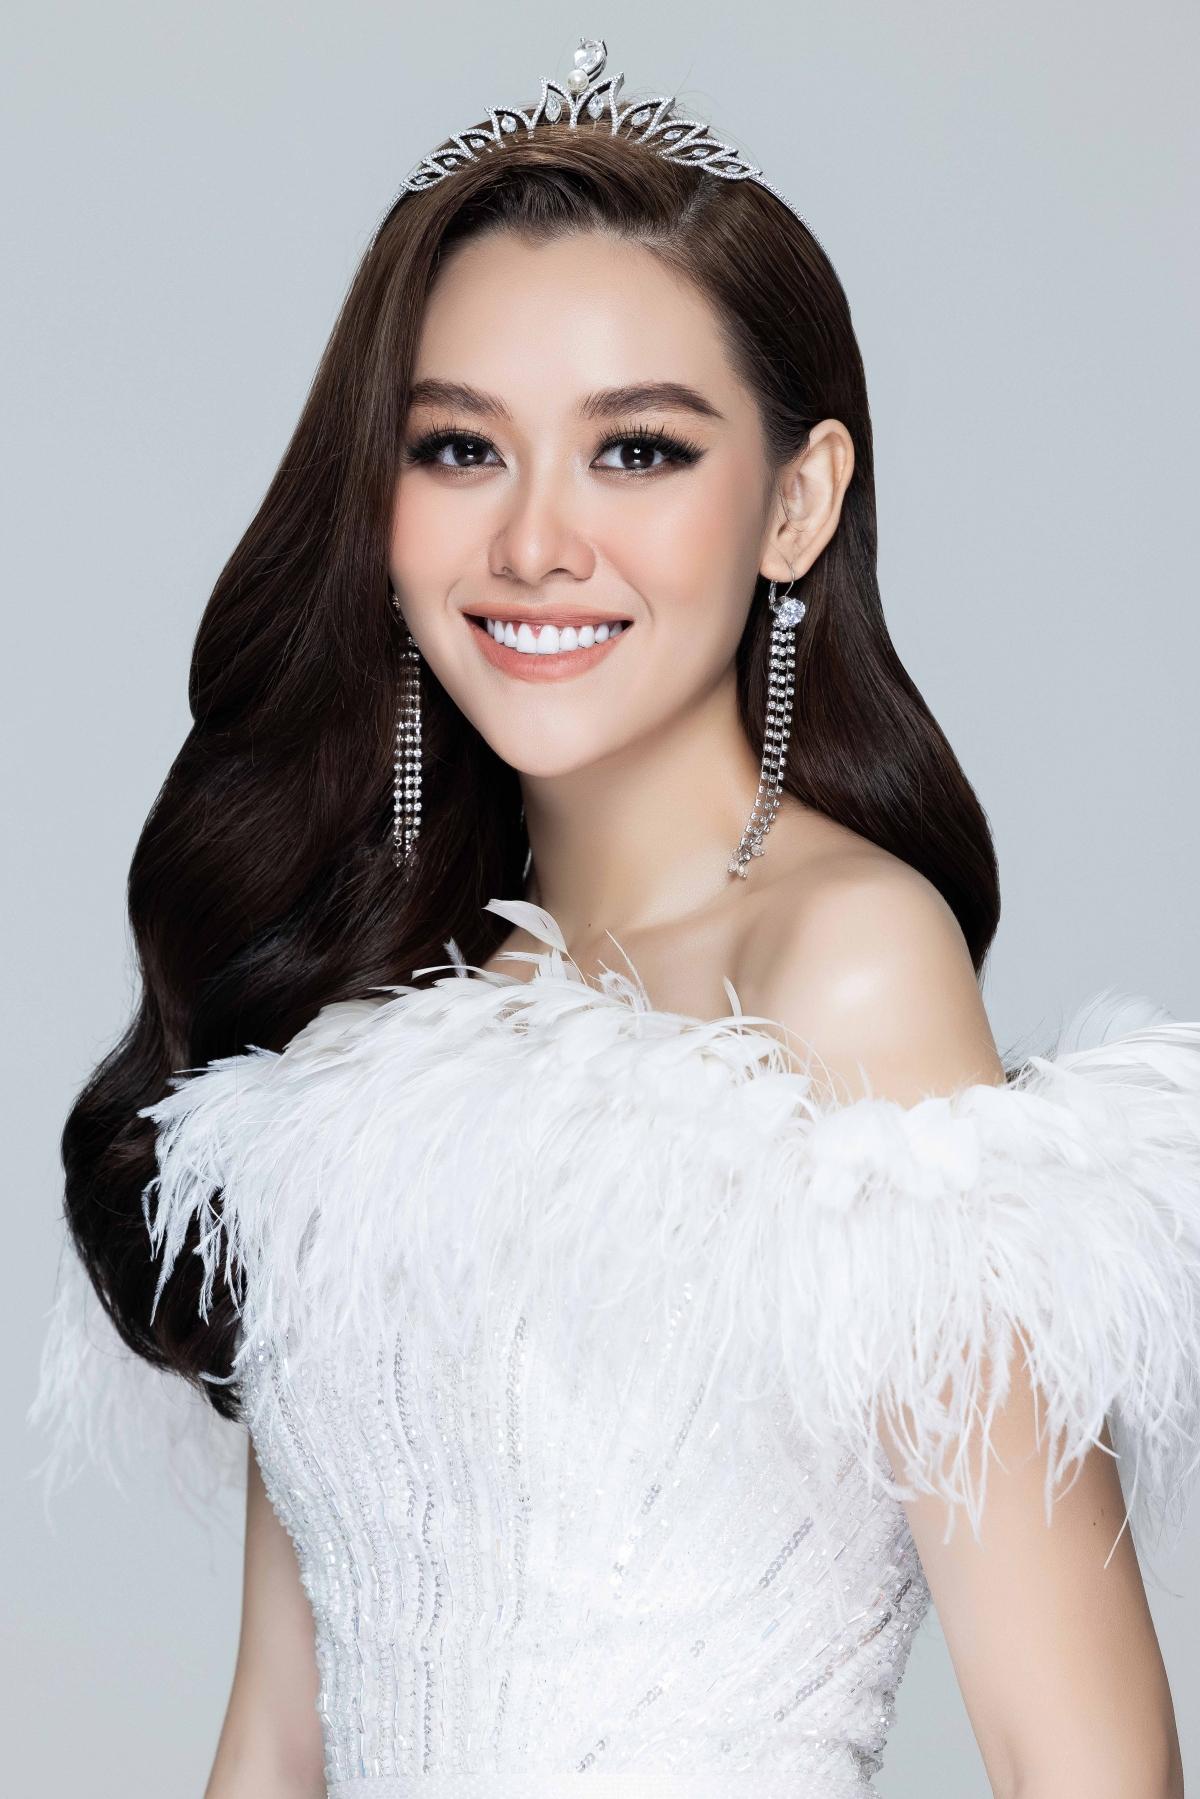 Sau khi trở về từ cuộc thi quốc tế, người đẹp gốc Hà Nội dần hướng đến hình ảnh trưởng thành, chững chạc. Cô nàng luôn khiến cho khán giả bất ngờ với những bộ ảnh đa dạng về phong cách từ dịu dàng nữ tính đến sắc sảo, mặn mà.